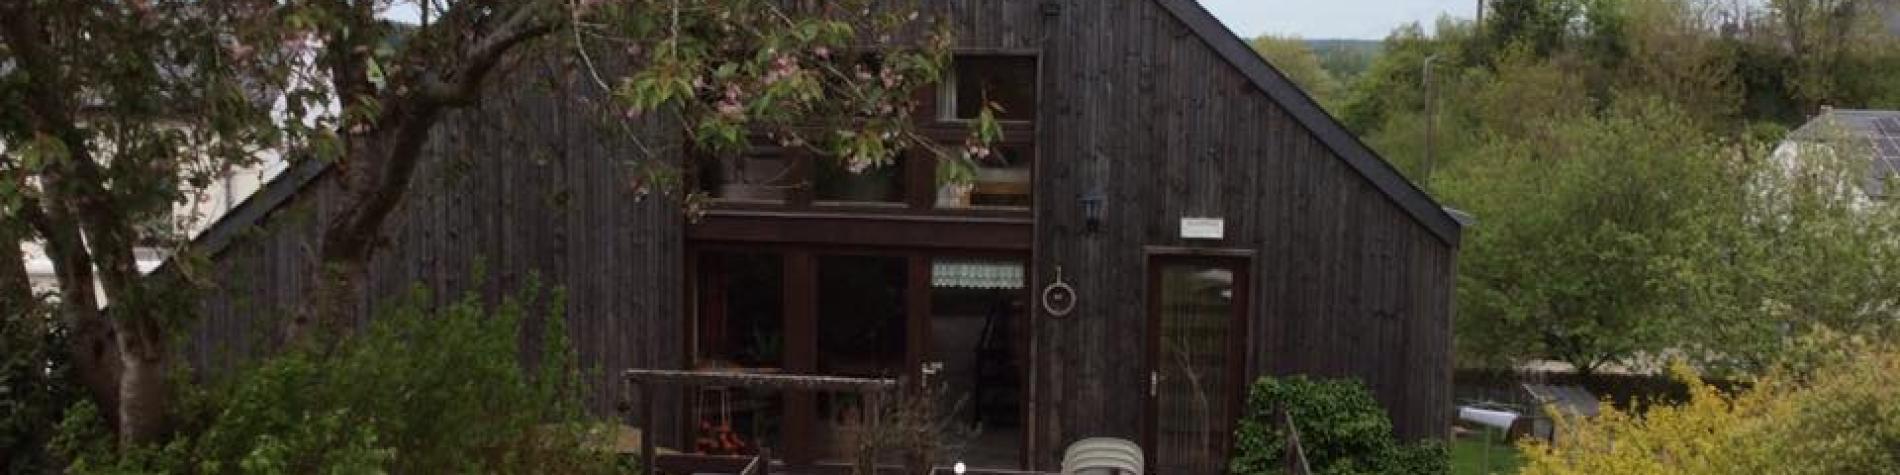 Gîte La Fournage acessible aux personnes à mobilité réduite en Wallonie